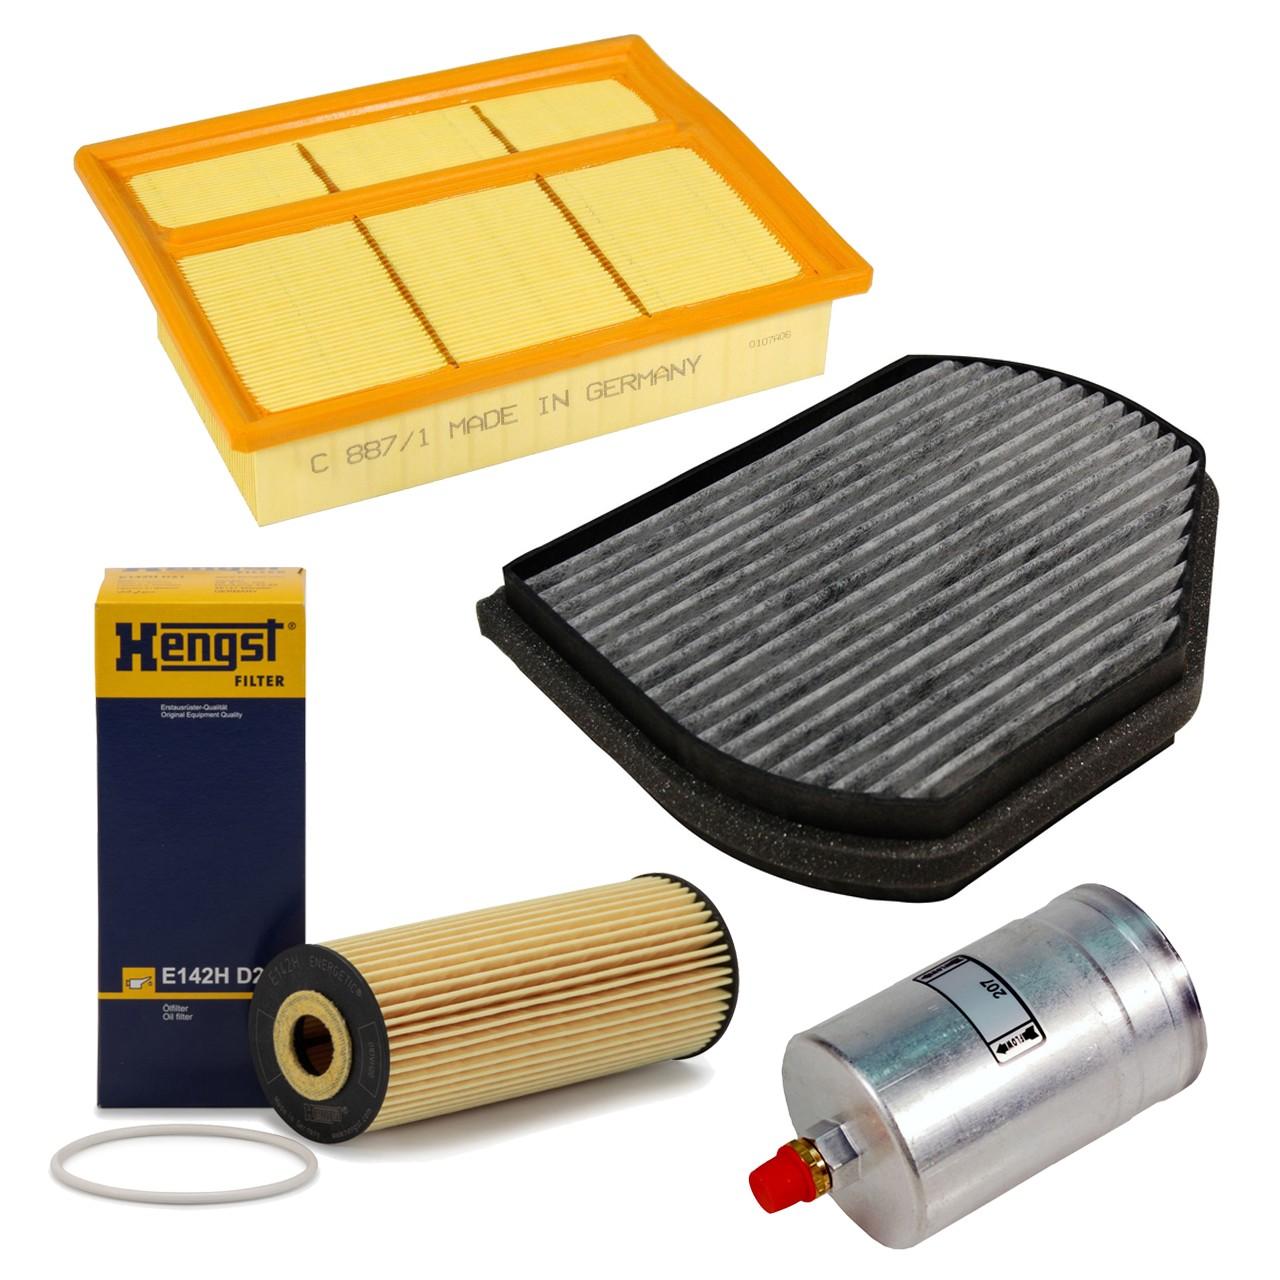 Inspektionskit Filterpaket Filterset für Mercedes W202 C180-63AMG bis 10.1994